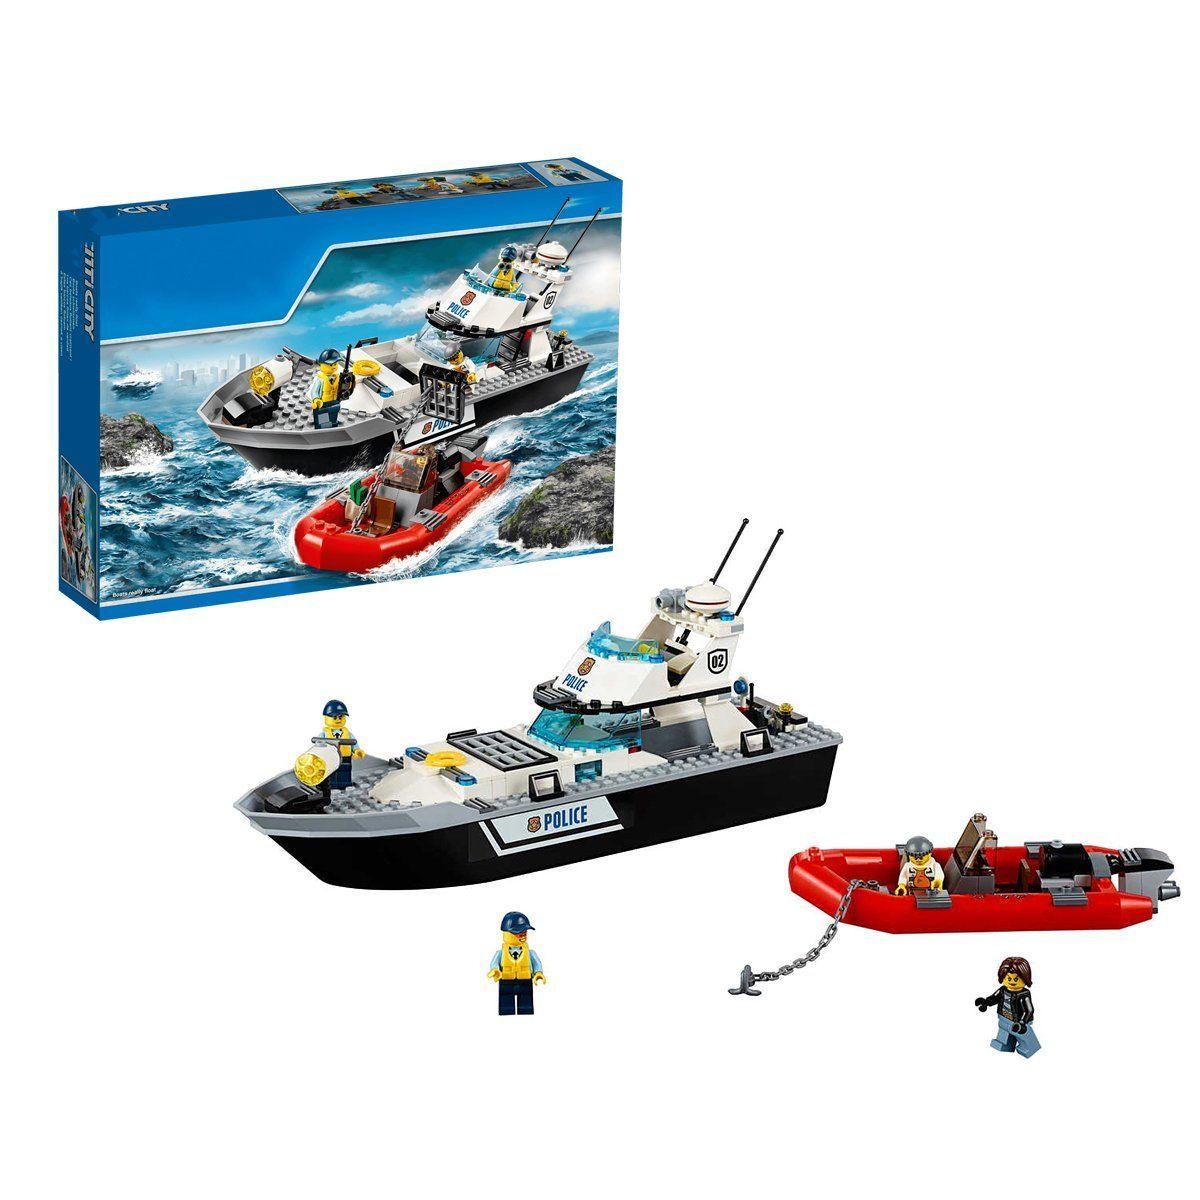 เลโก้จีน LEPIN.02049 ชุด City : Police Patrol Boat